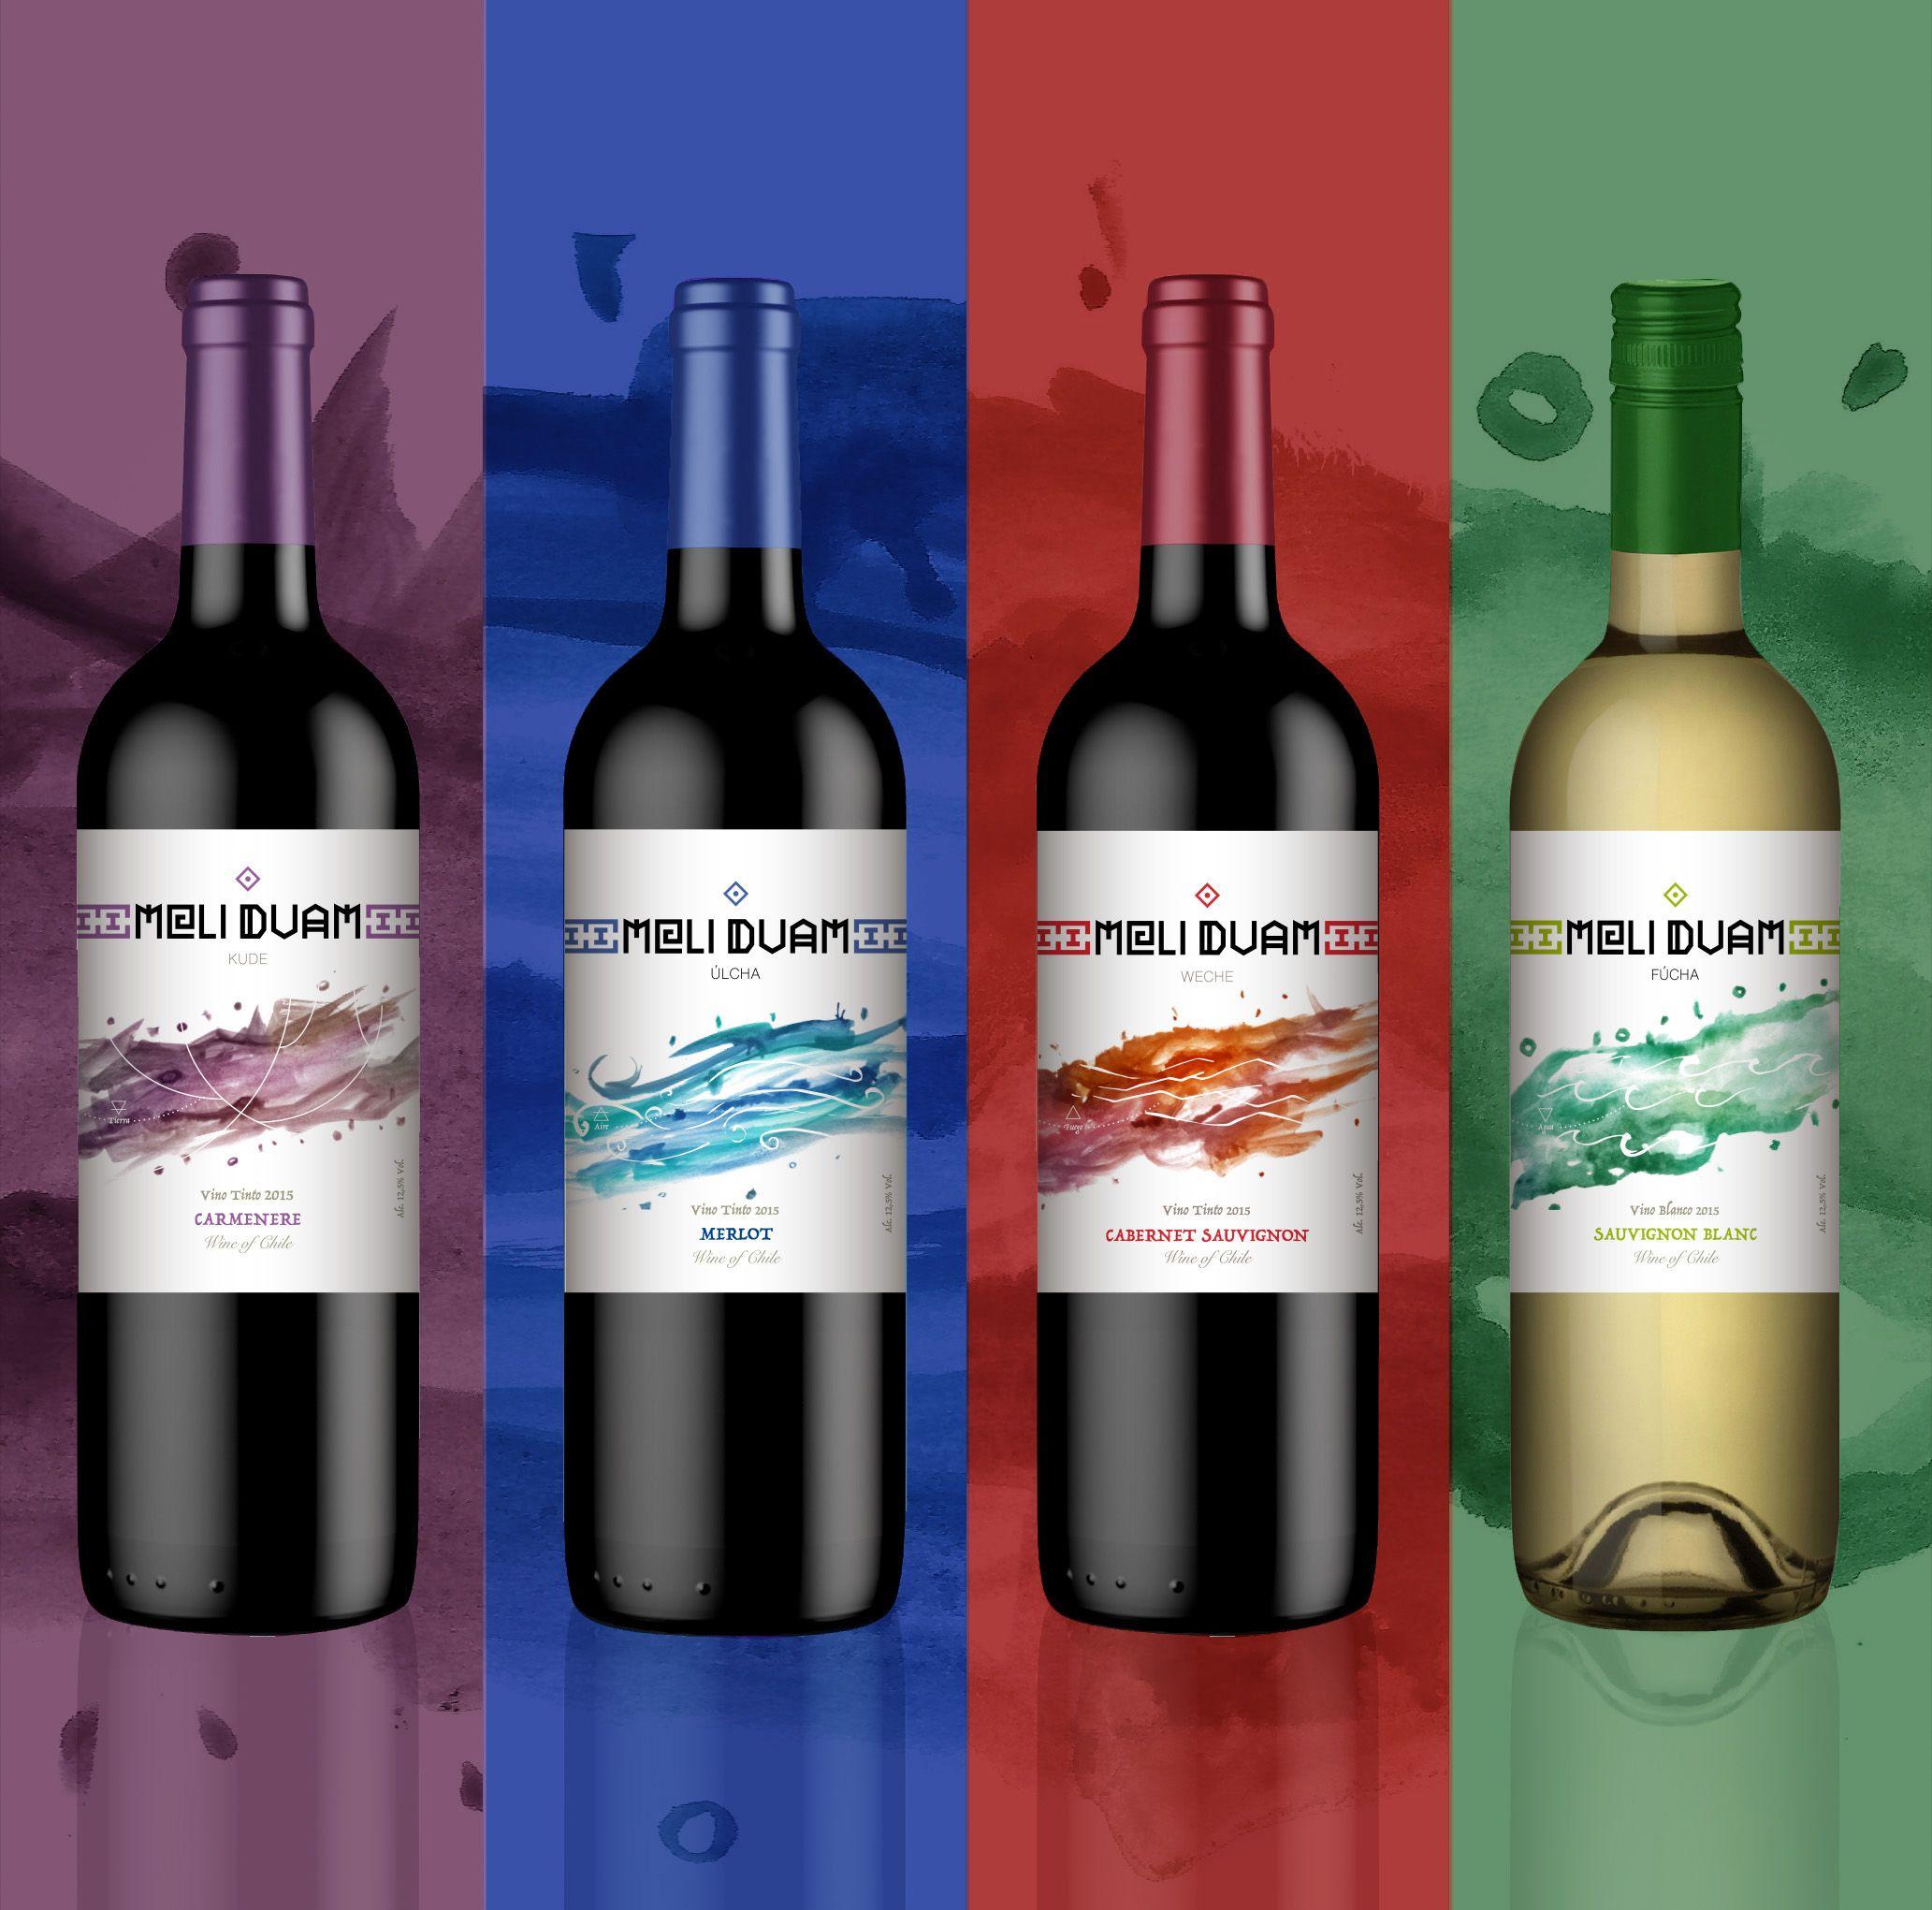 Meli Duam Wine Packaging Design On Behance Wine Packaging Design Wine Packaging Packaging Design